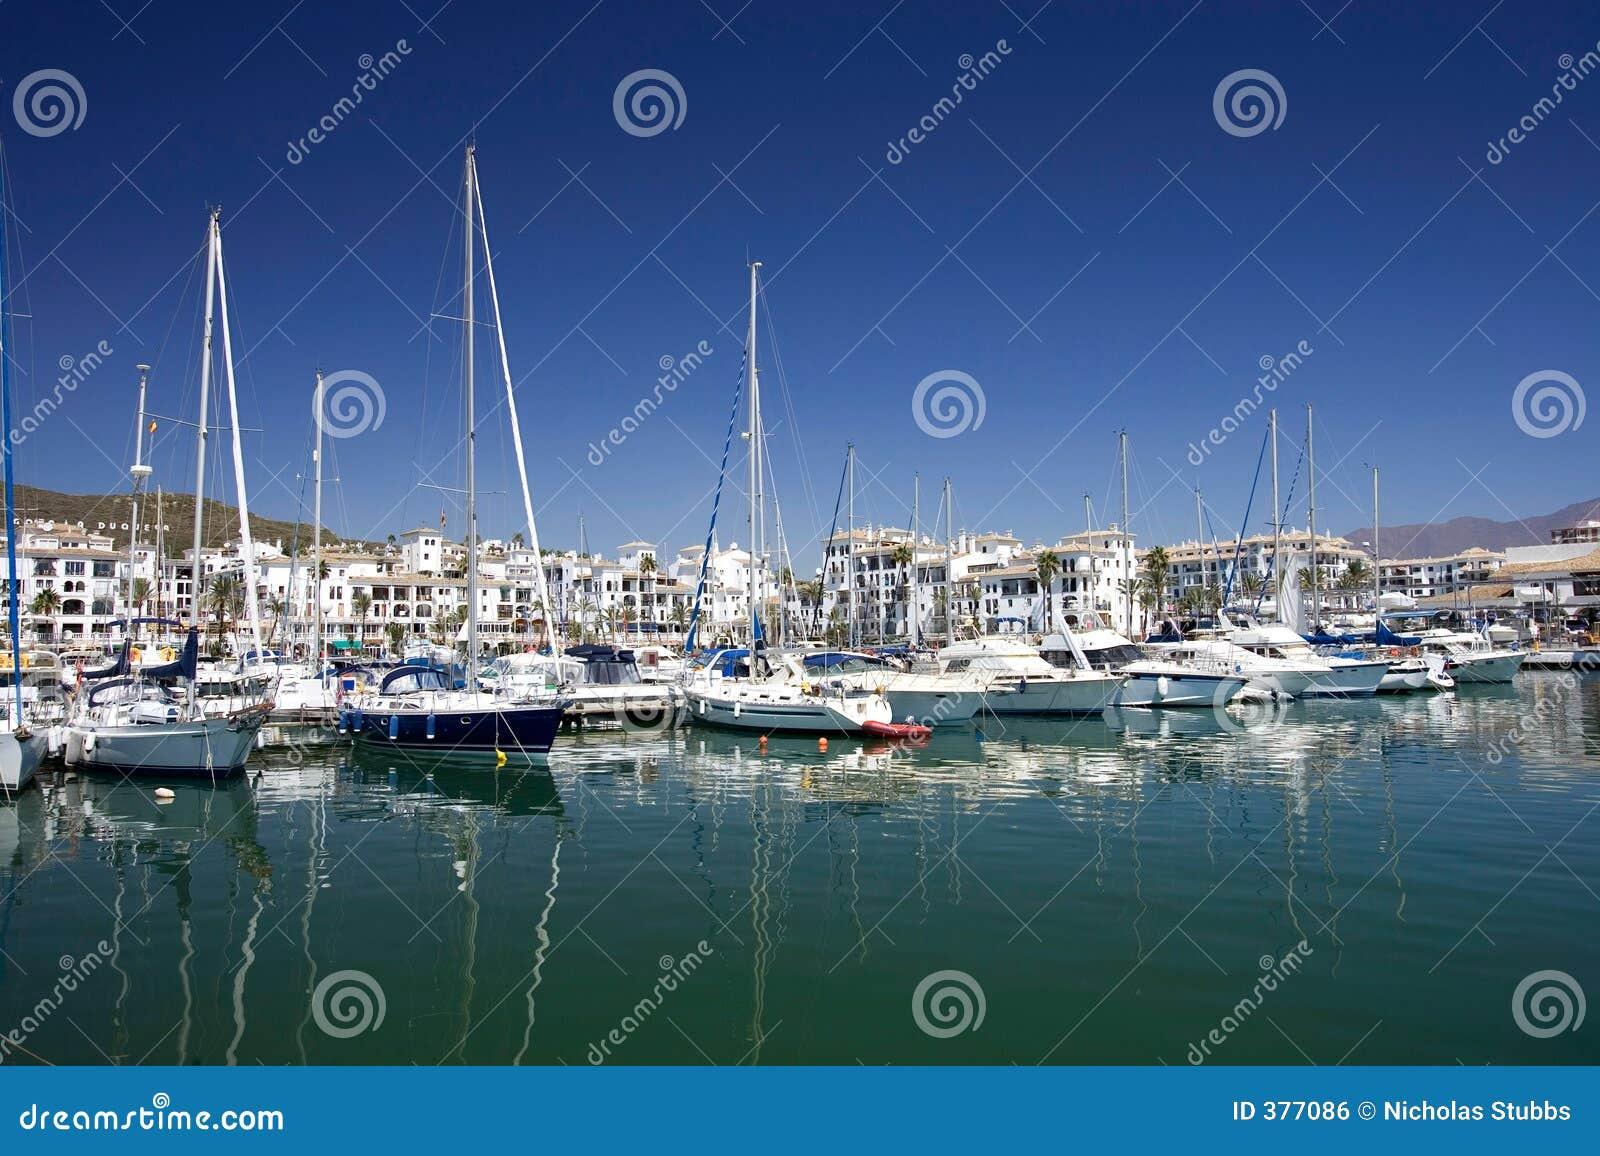 Hohe Luxuxboote und Yachten verankerten im Duquesa Kanal in Spanien ein